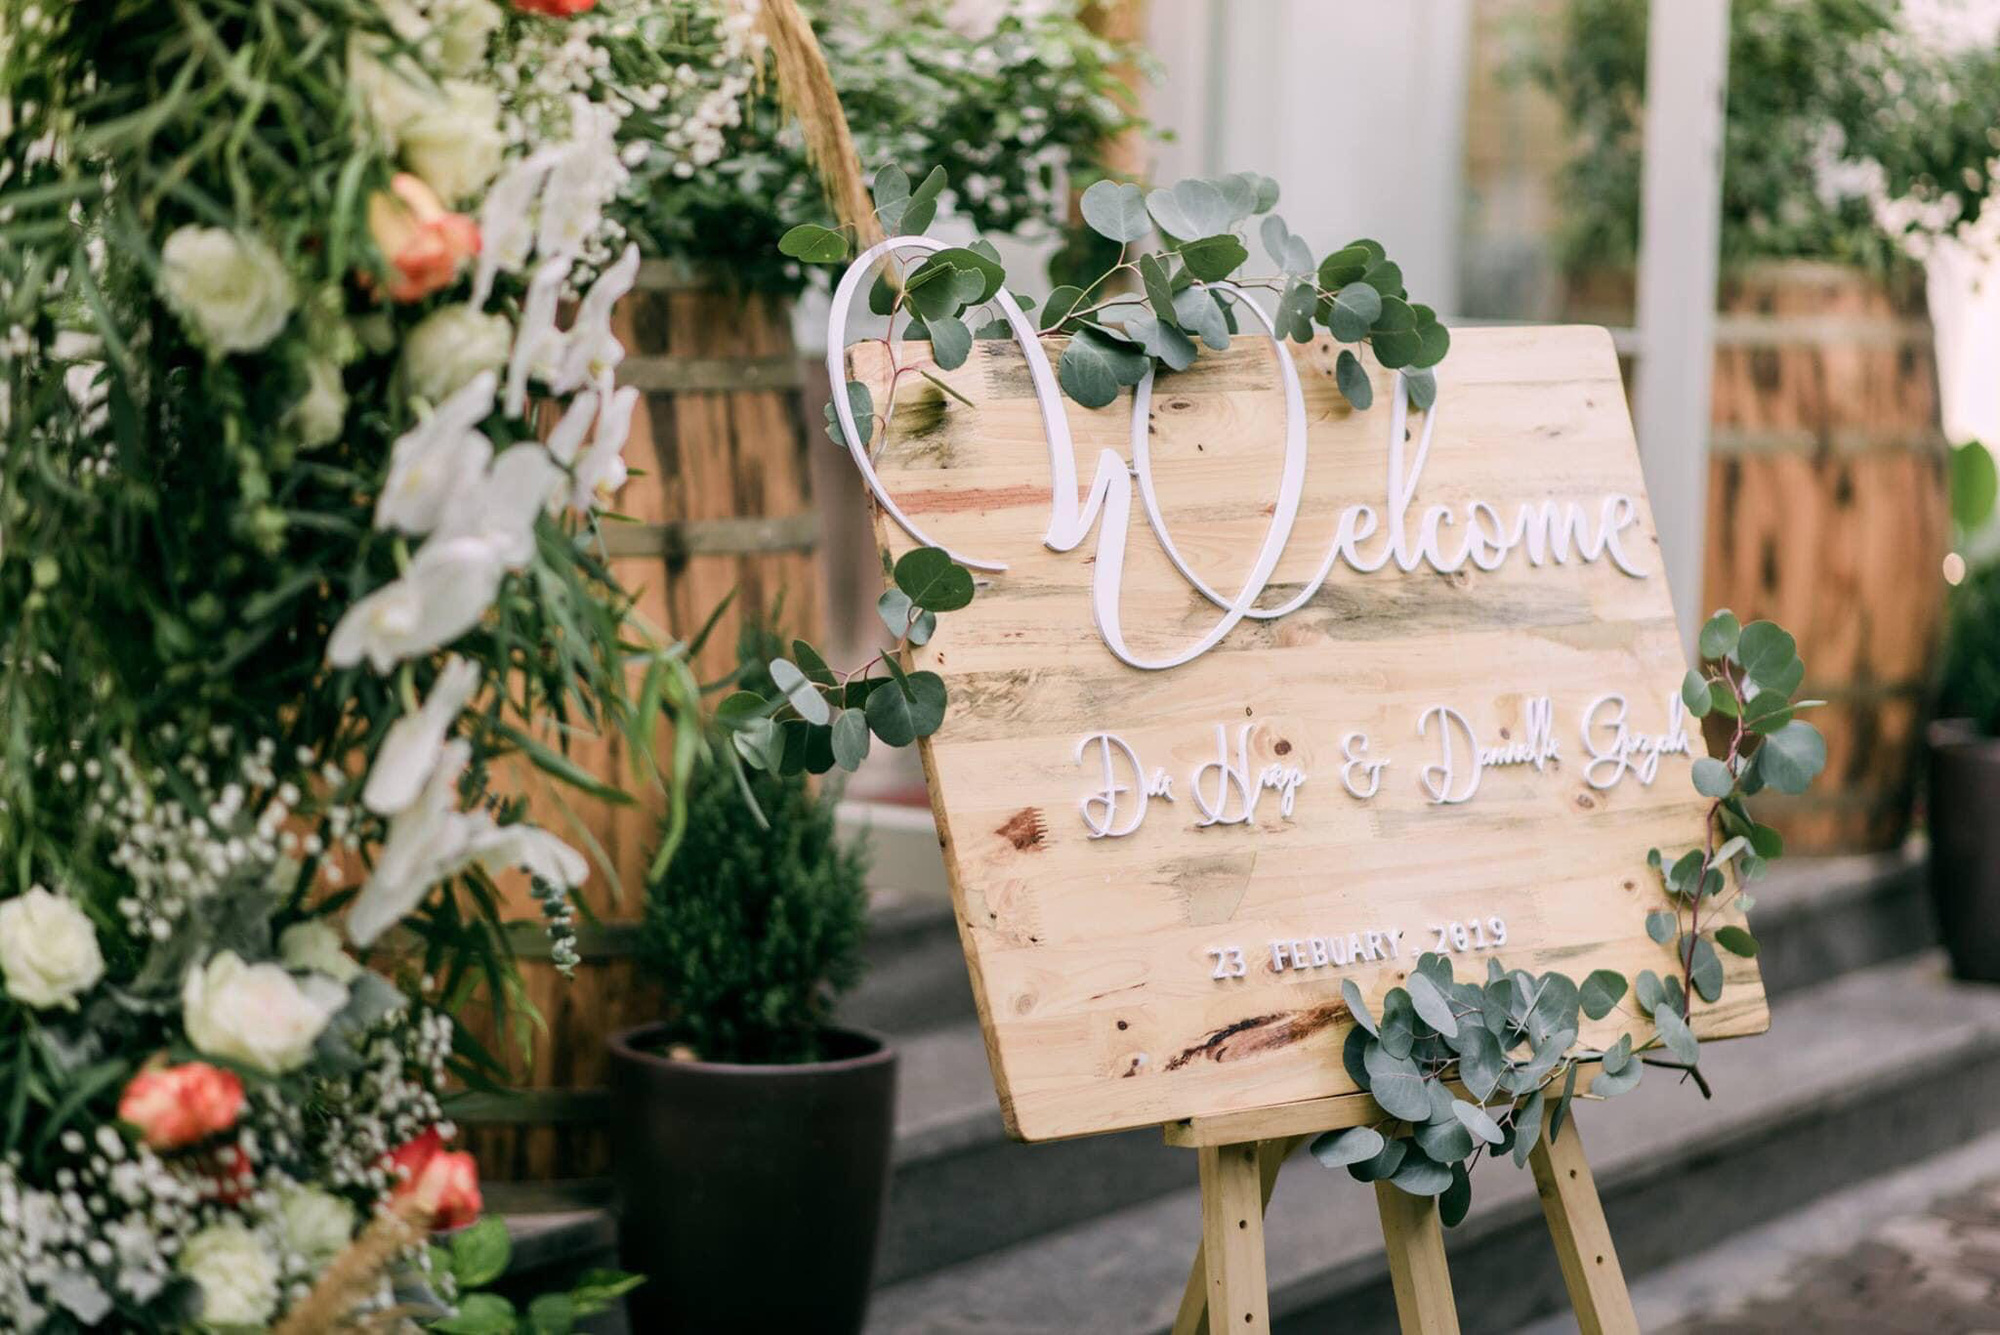 Chân dung Wedding Planner - Người nghệ sĩ của ngày chung đôi - Ảnh 2.